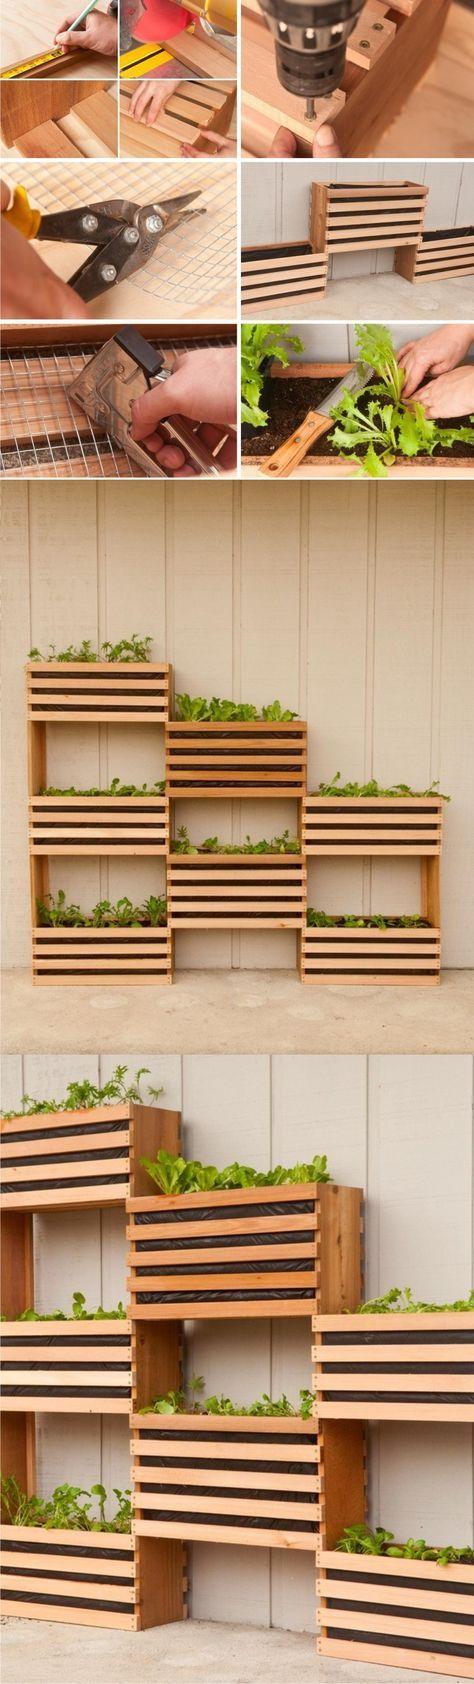 Excellent idea for indoor garden. Space-Saving Vertical Vegetable Garden